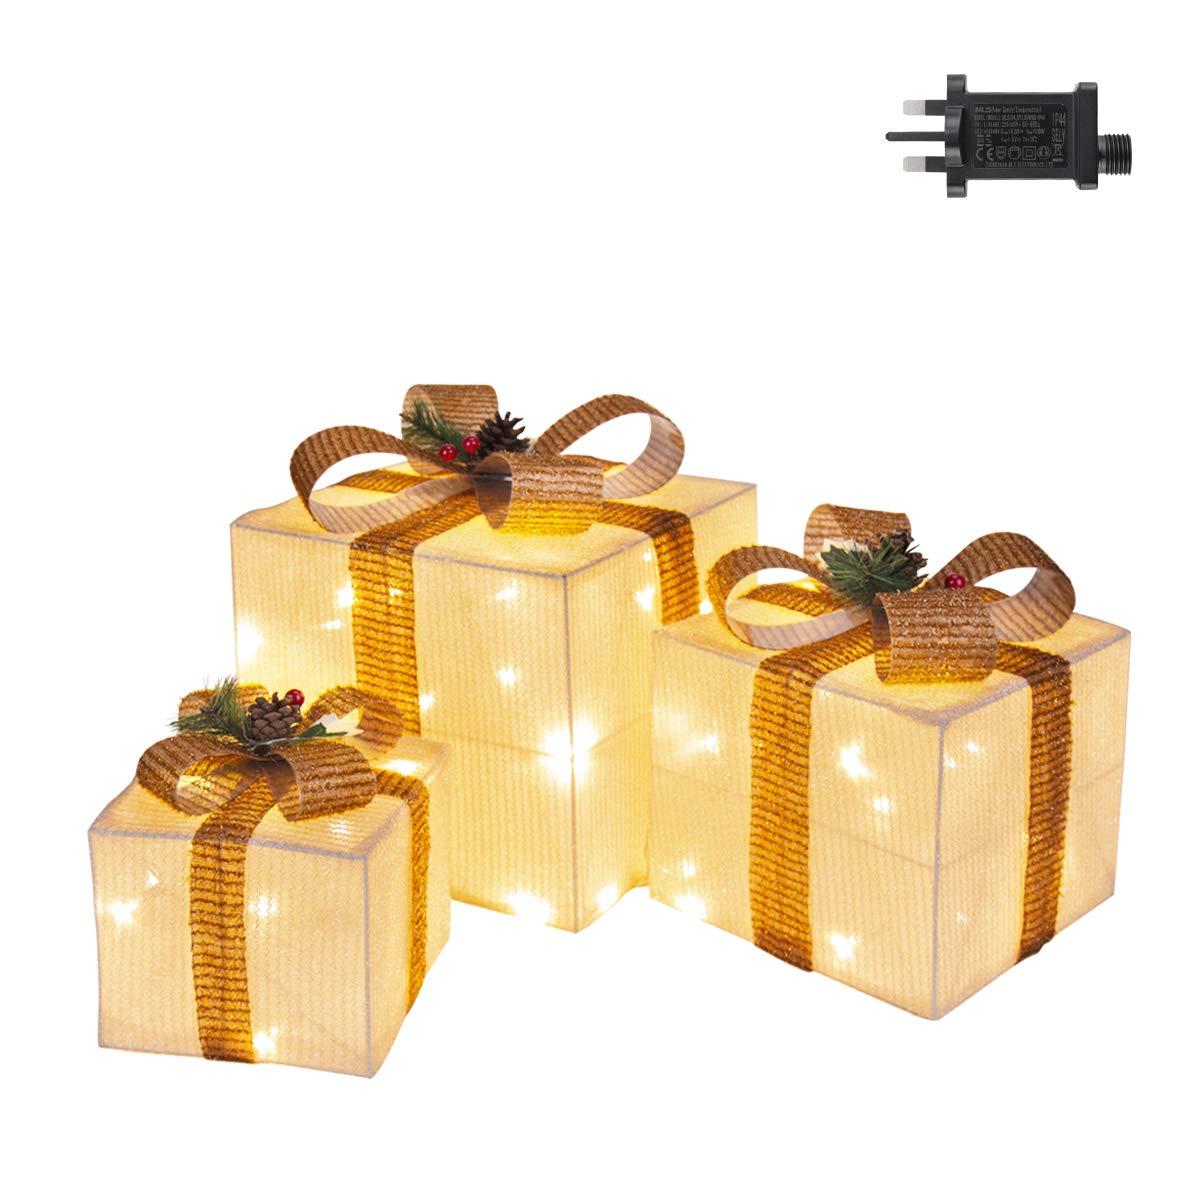 GIGALUMI Ensemble de 3 bo/îtes /à cadeaux illumin/ées /à DEL pour bo/îtes de No/ël Colis d/écoratifs de No/ël illumin/és pr/ésente des ornements avec des guirlandes et un n/œud pour la d/écor